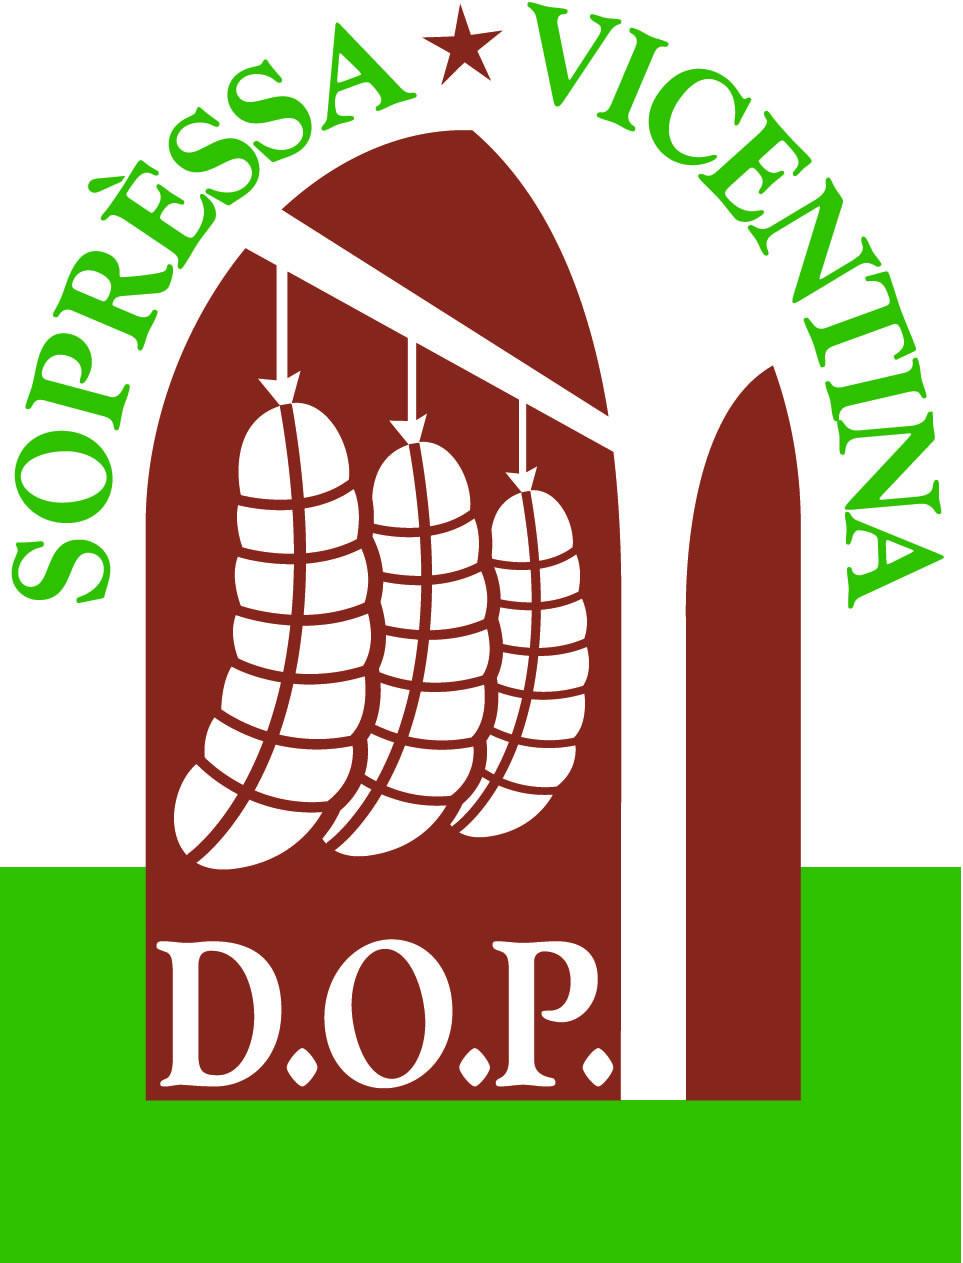 Consorzio di Tutela della DOP Soprèssa Vicentina